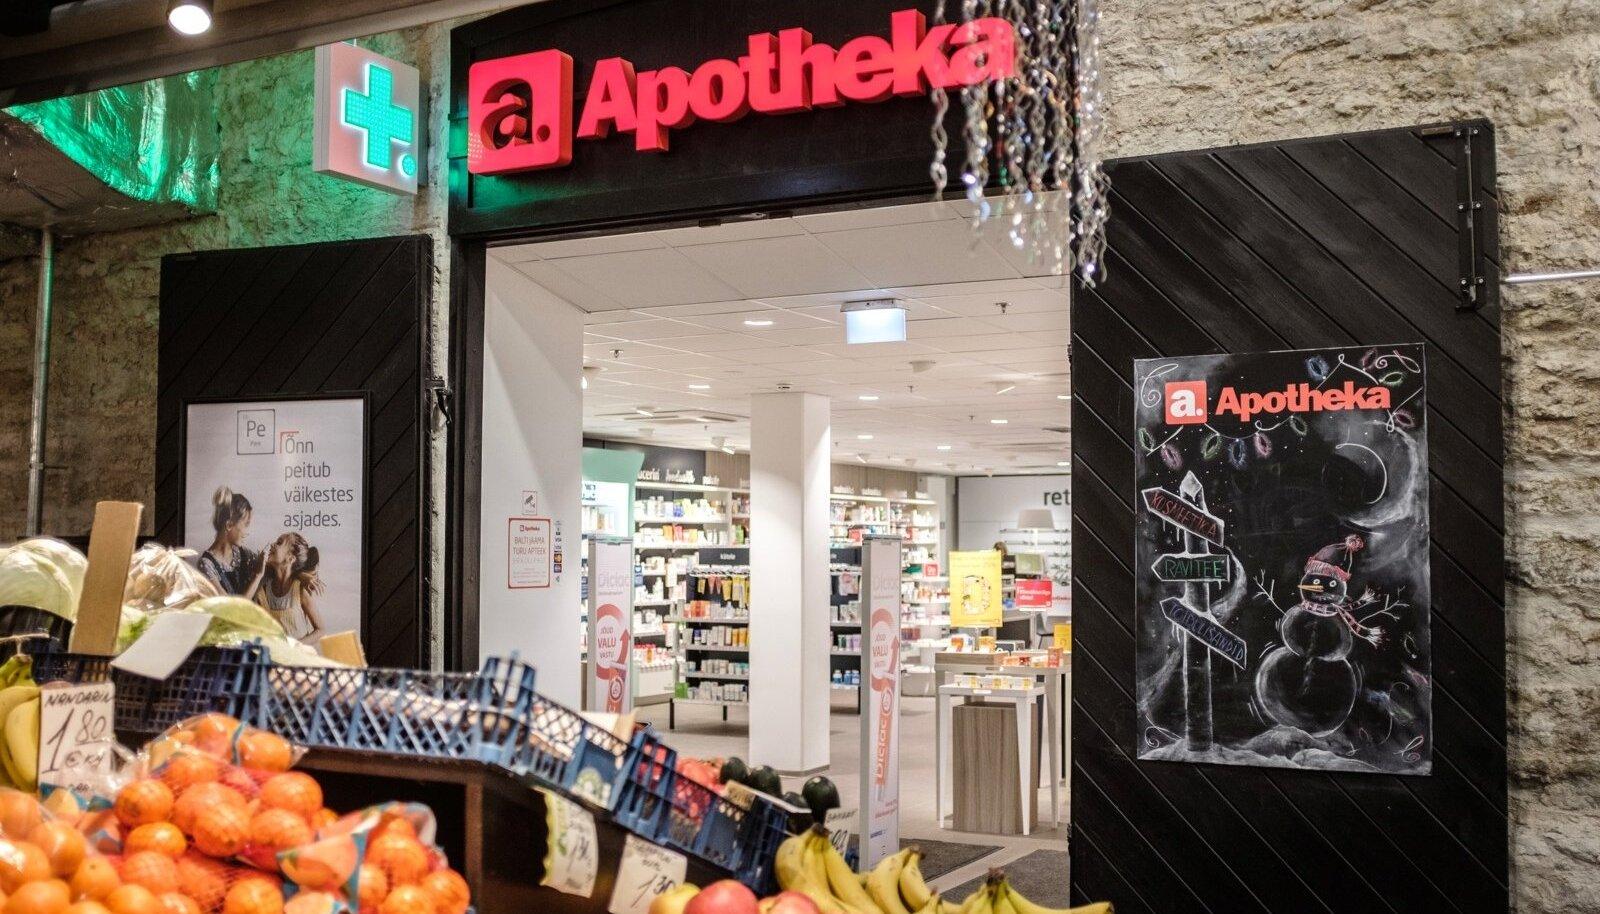 Apotheka apteek Balti jaama turul